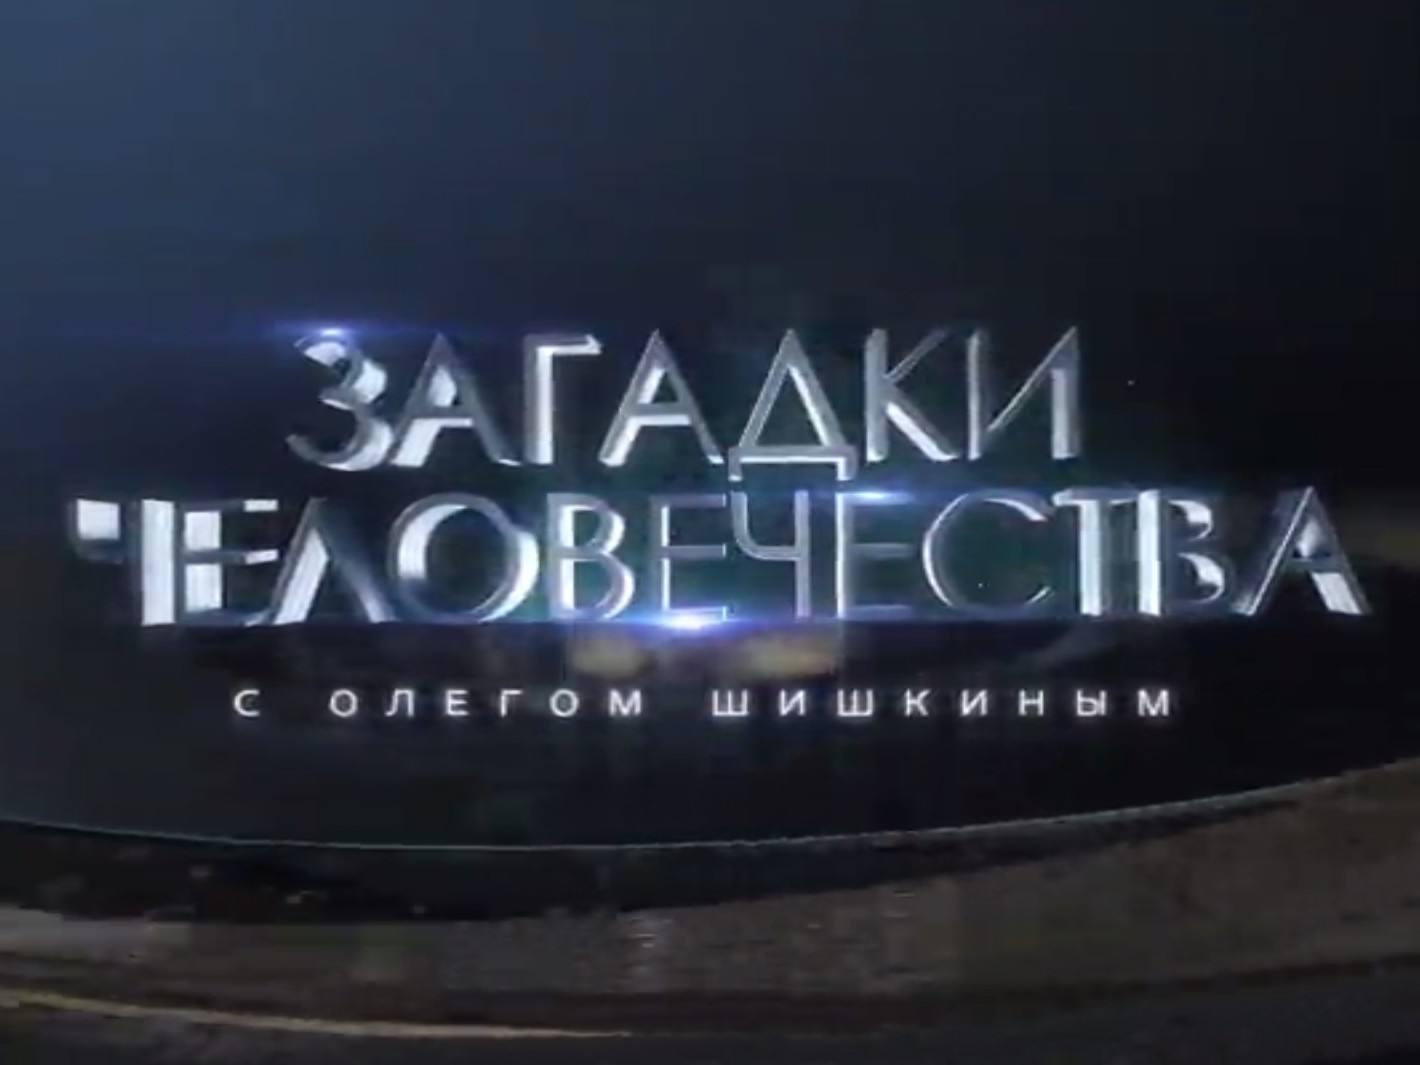 Загадки человечества с Олегом Шишкиным 412 серия в 13:00 на РЕН ТВ